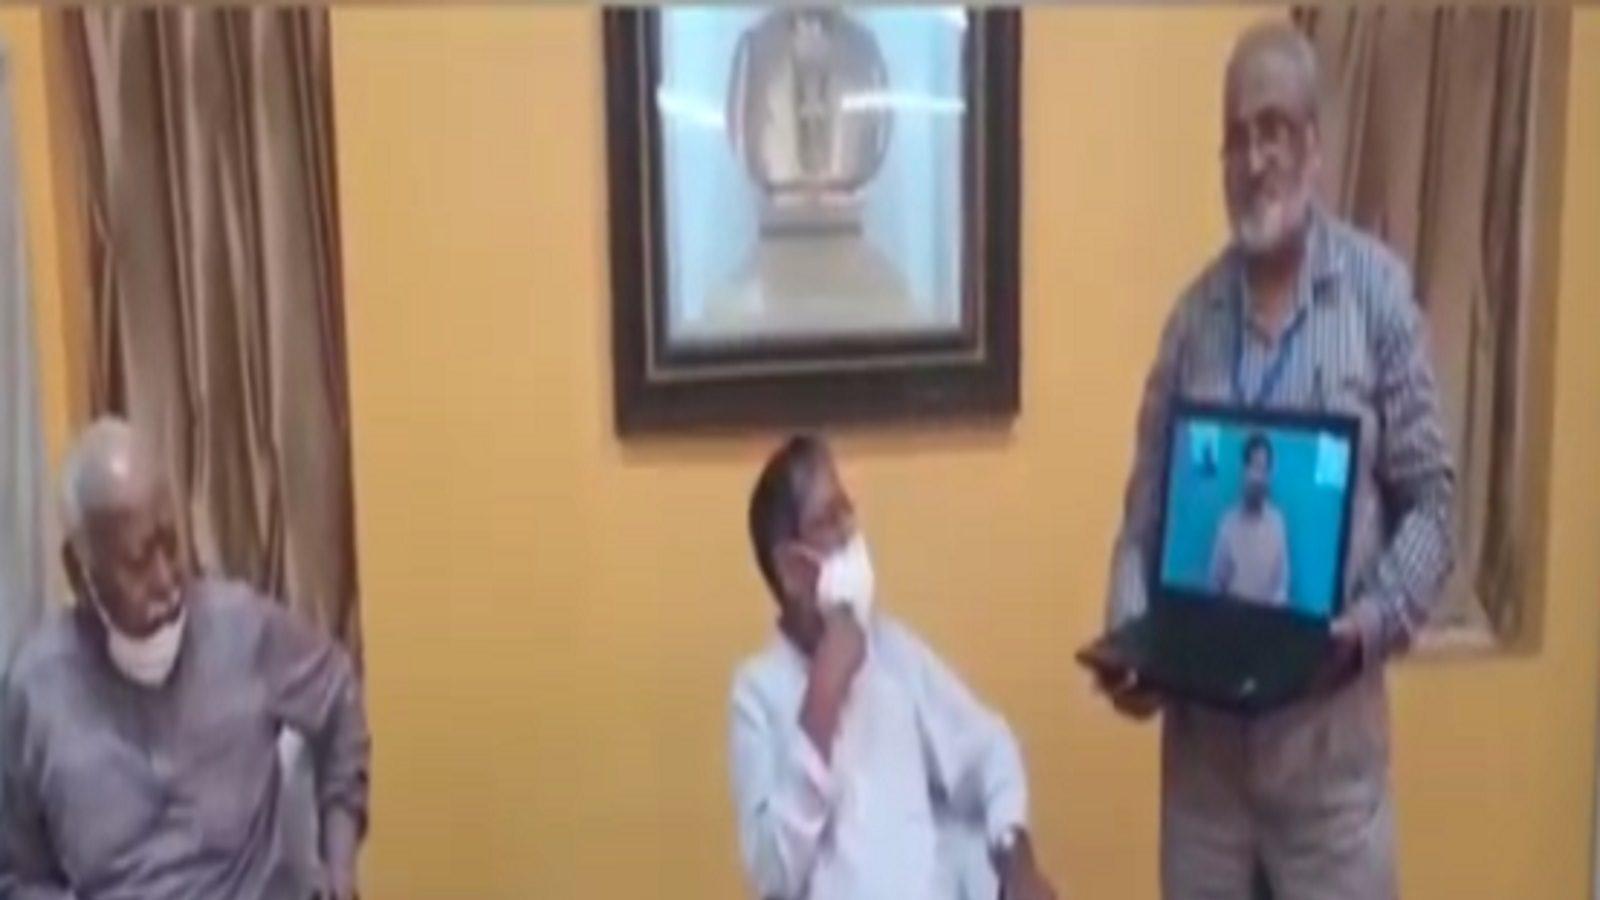 Indore : संघ की शाखाओं में अब मूक-बधिर साइन लैंग्वेज में कर सकेंगे प्रार्थना, मोहन भागवत ने की लॉन्च